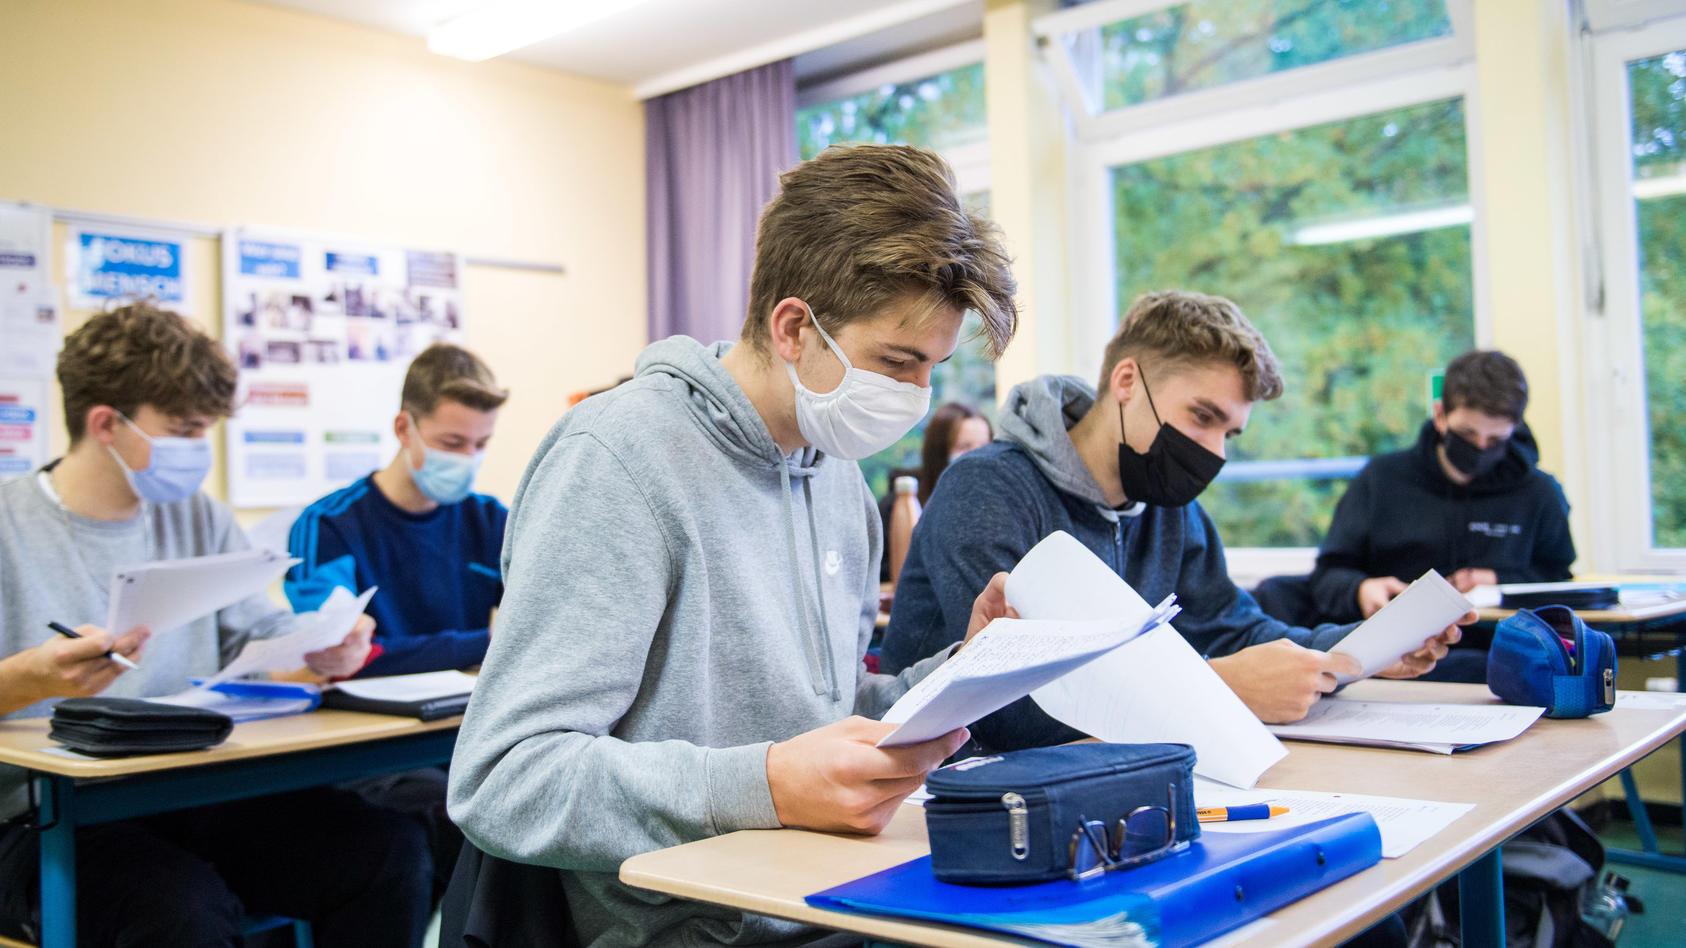 Wann dürfen Schülerinnen und Schüler die Maske wieder ablegen?